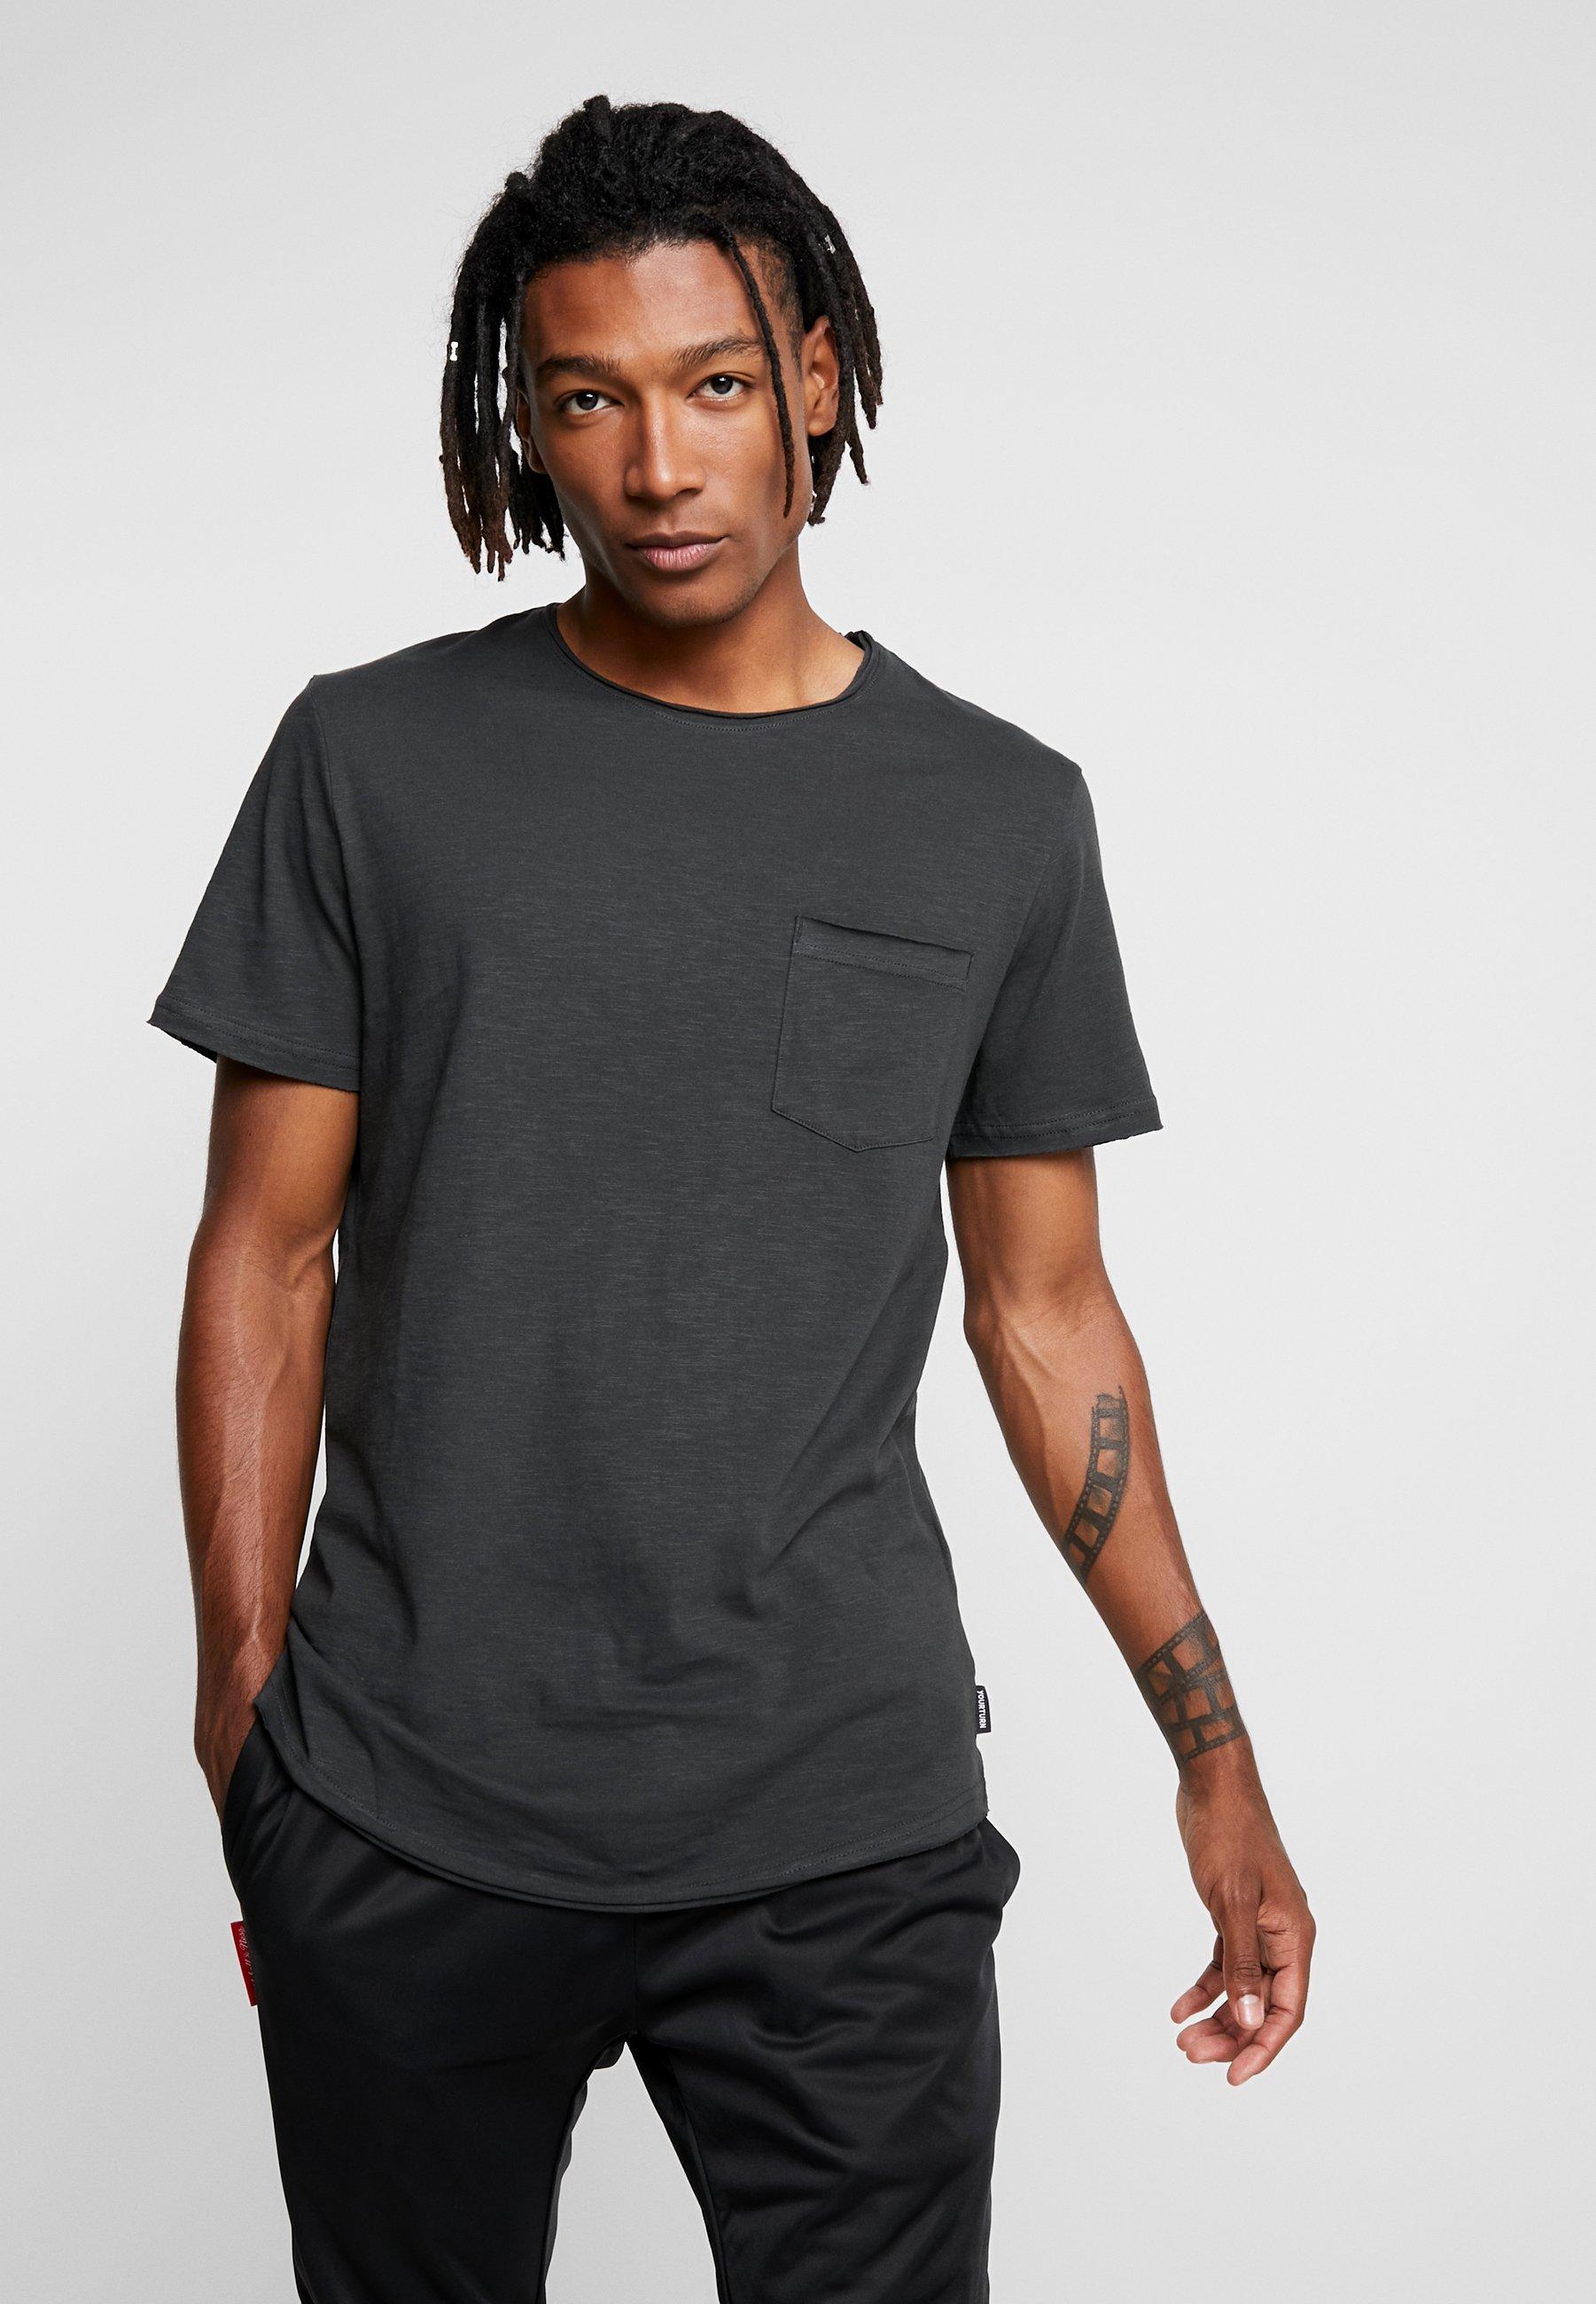 T BasiqueBlack T shirt shirt Yourturn BasiqueBlack Yourturn Yourturn fgbY76y